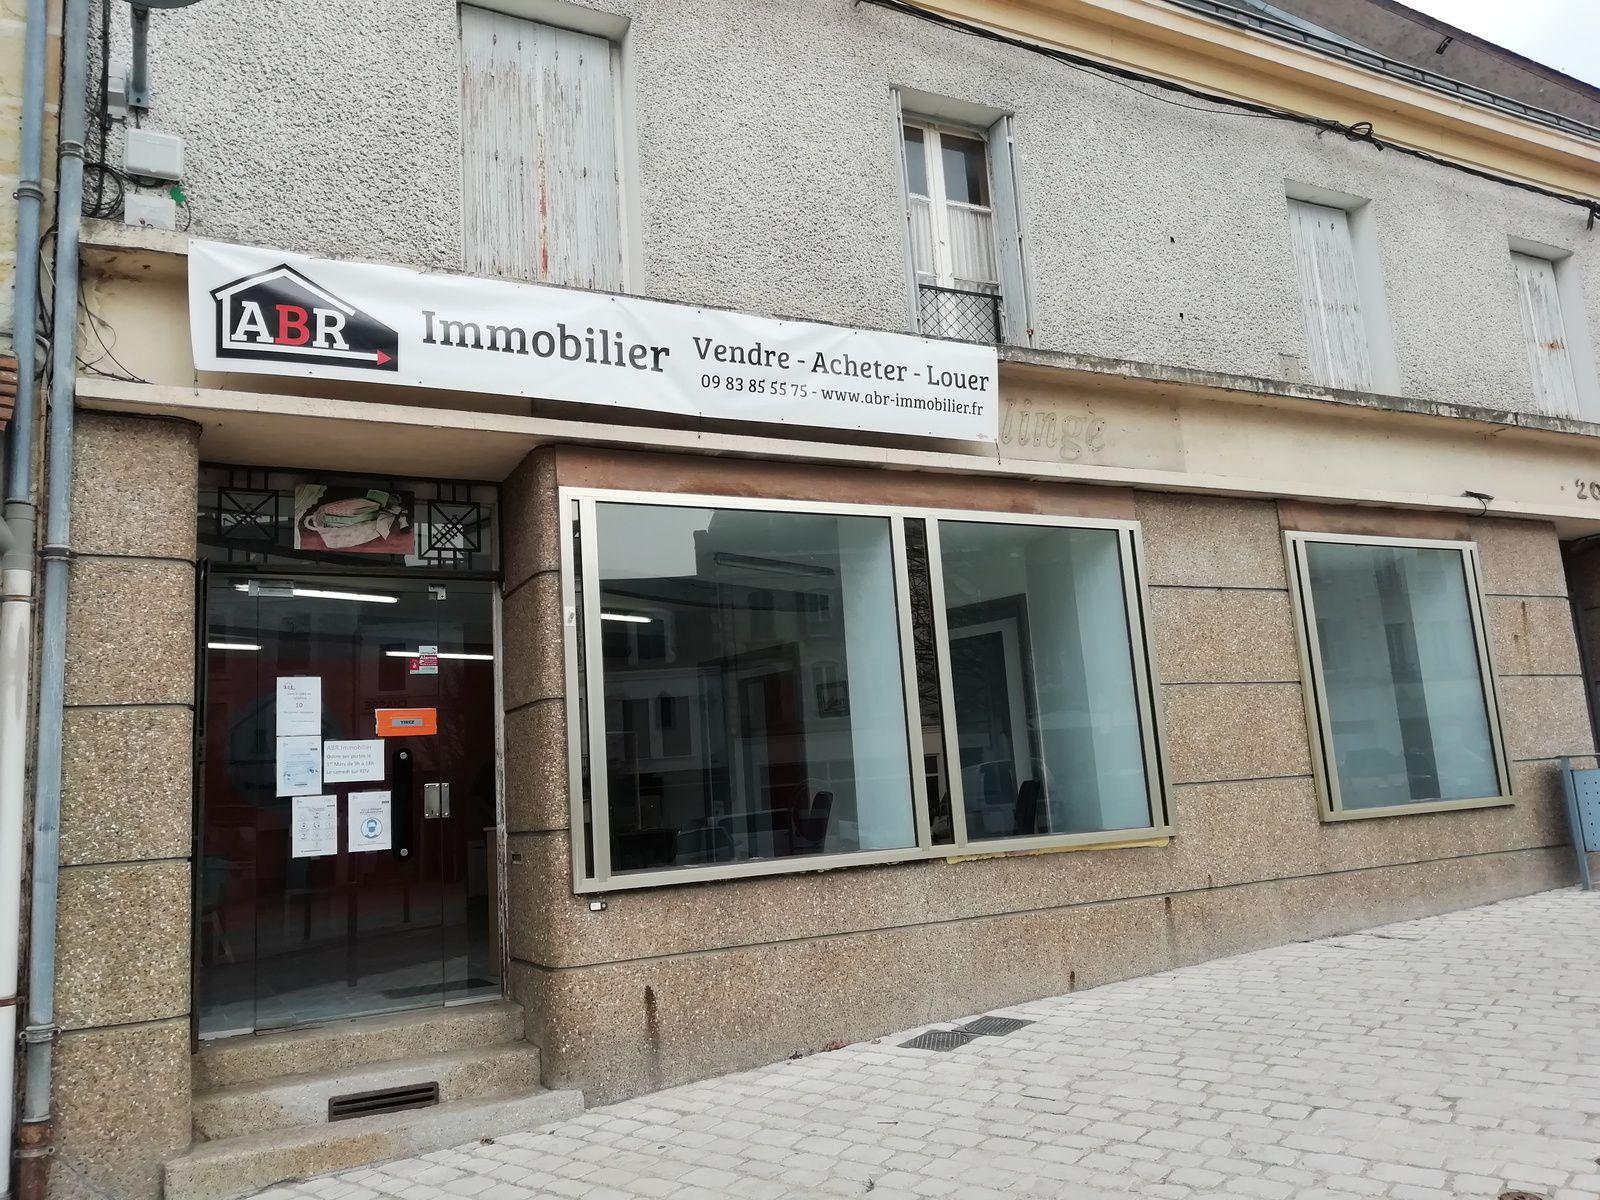 Une nouvelle agence immobilière place du Marché au Blé